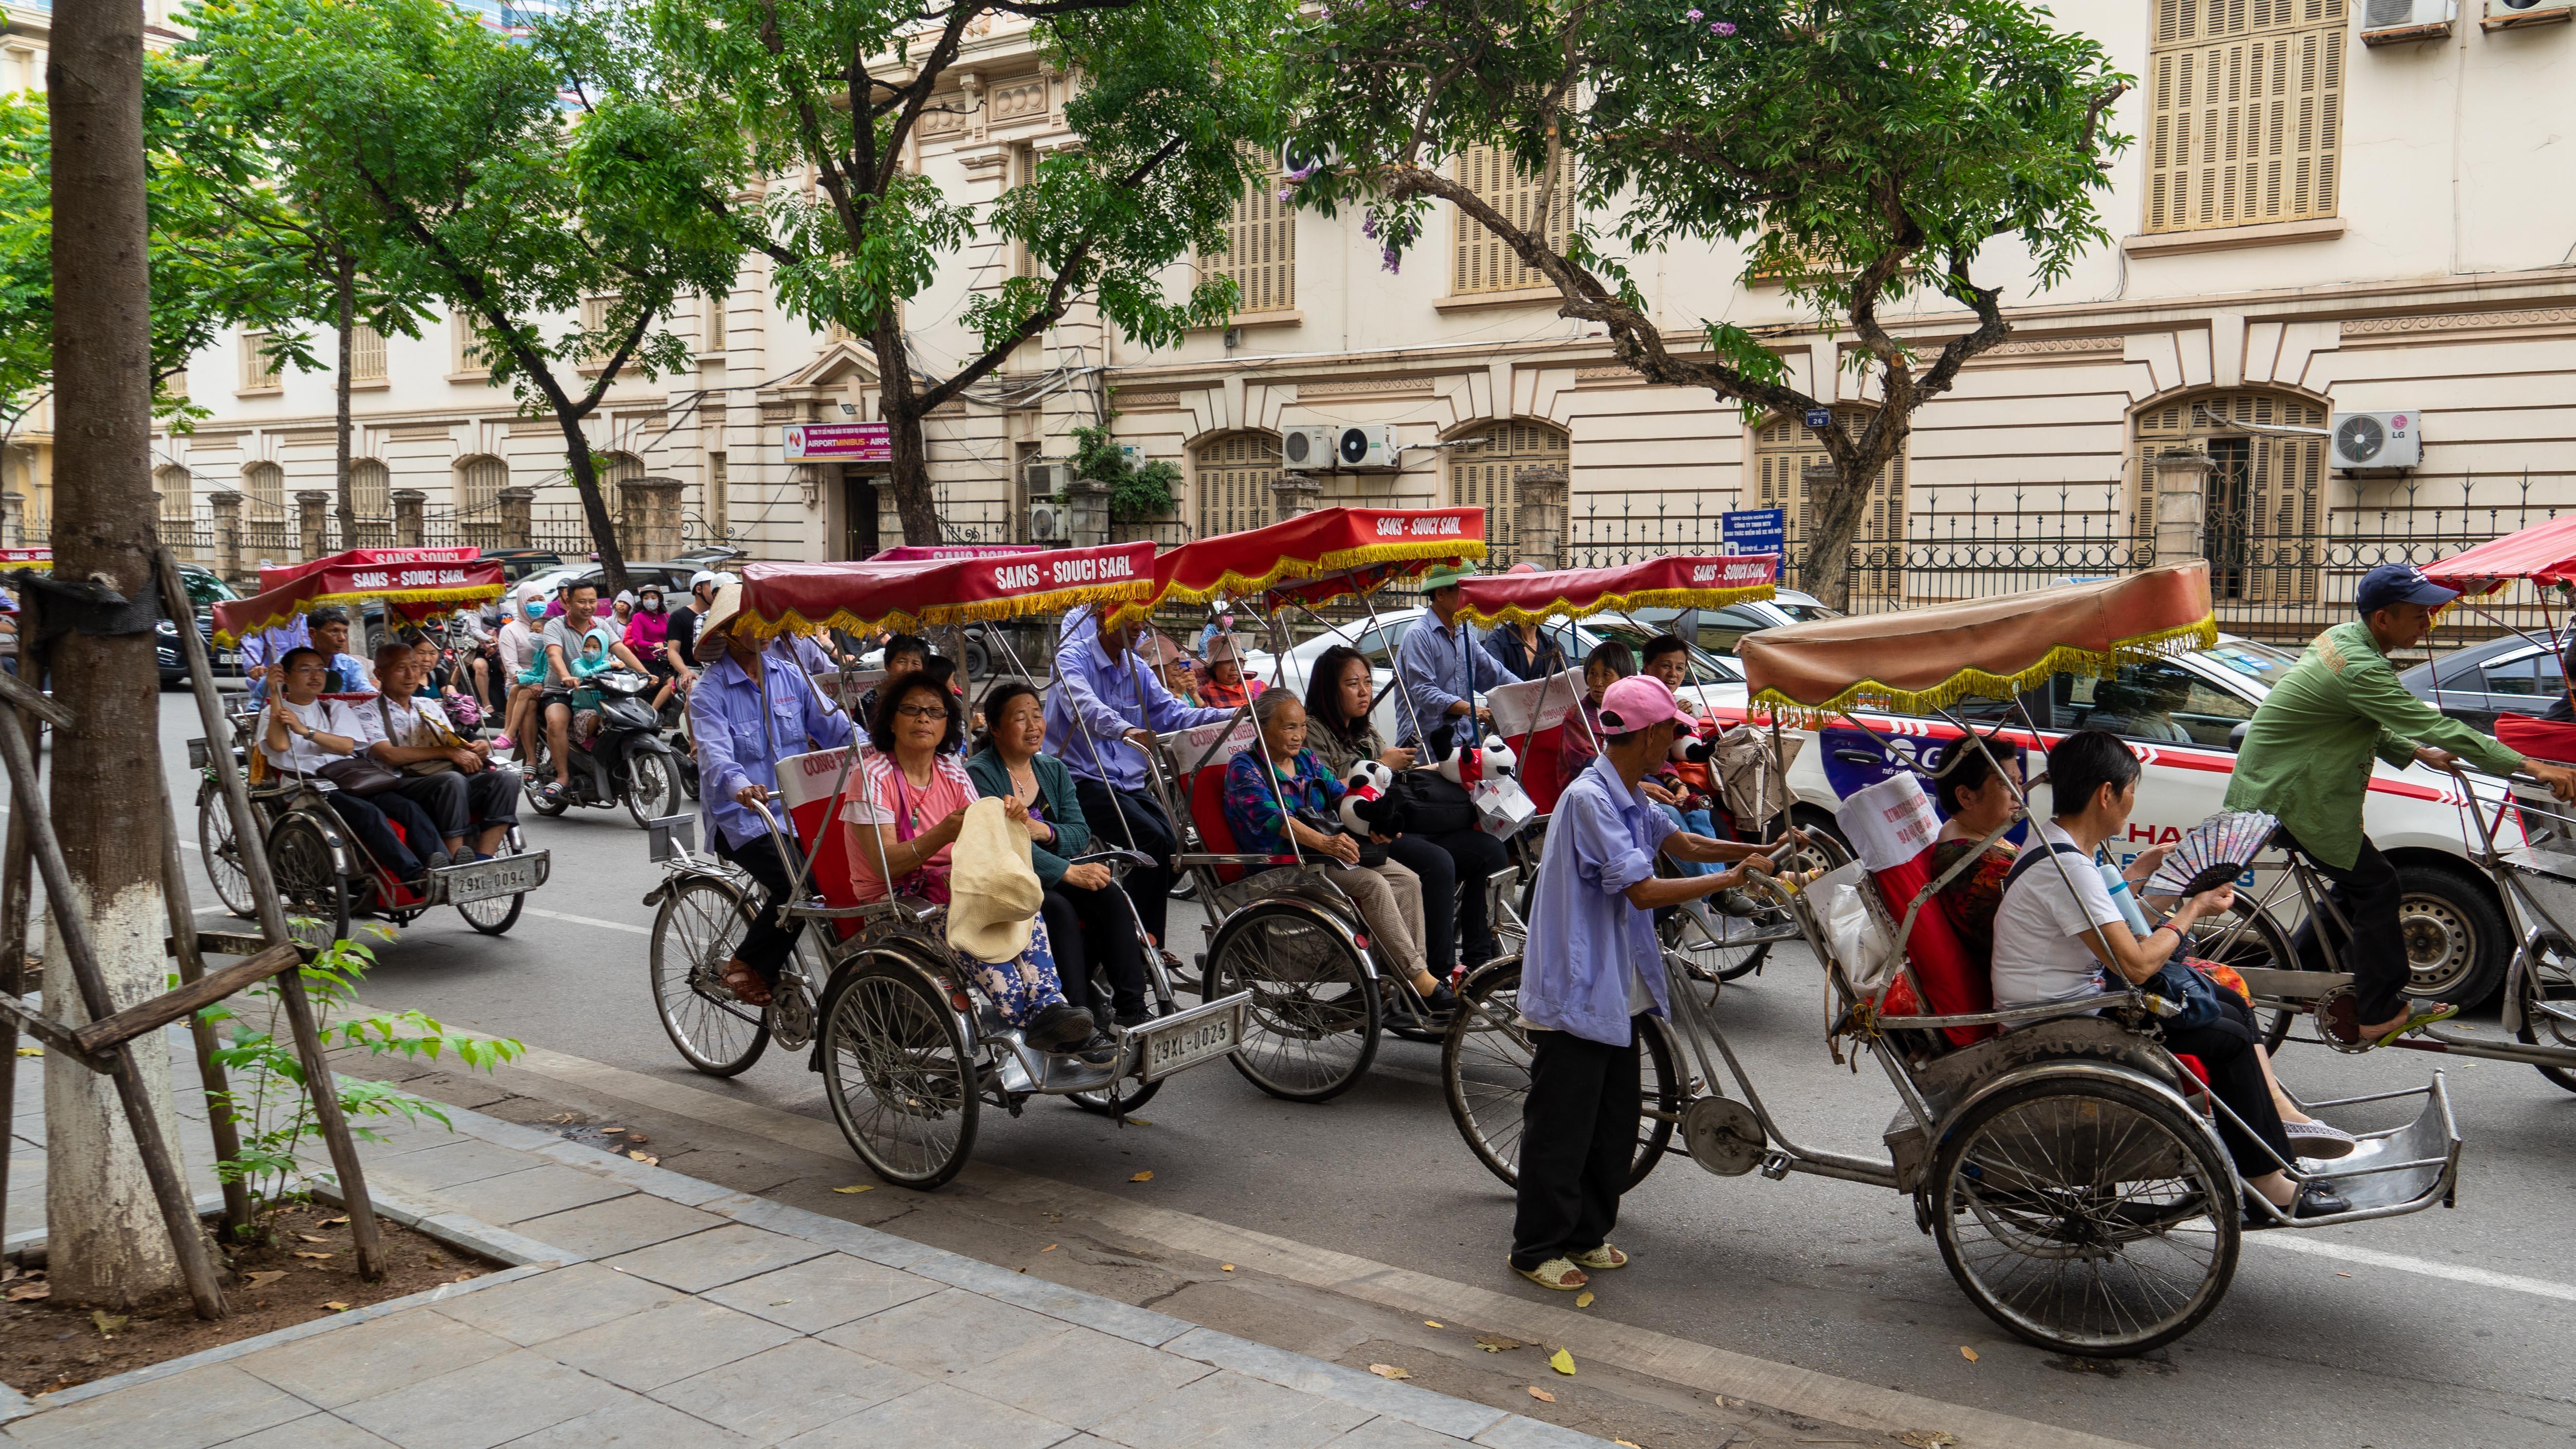 Hanoi ∙ Unsere Entdeckungstour durch die vielseitige Kultur der Hauptstadt ∙ Vietnam